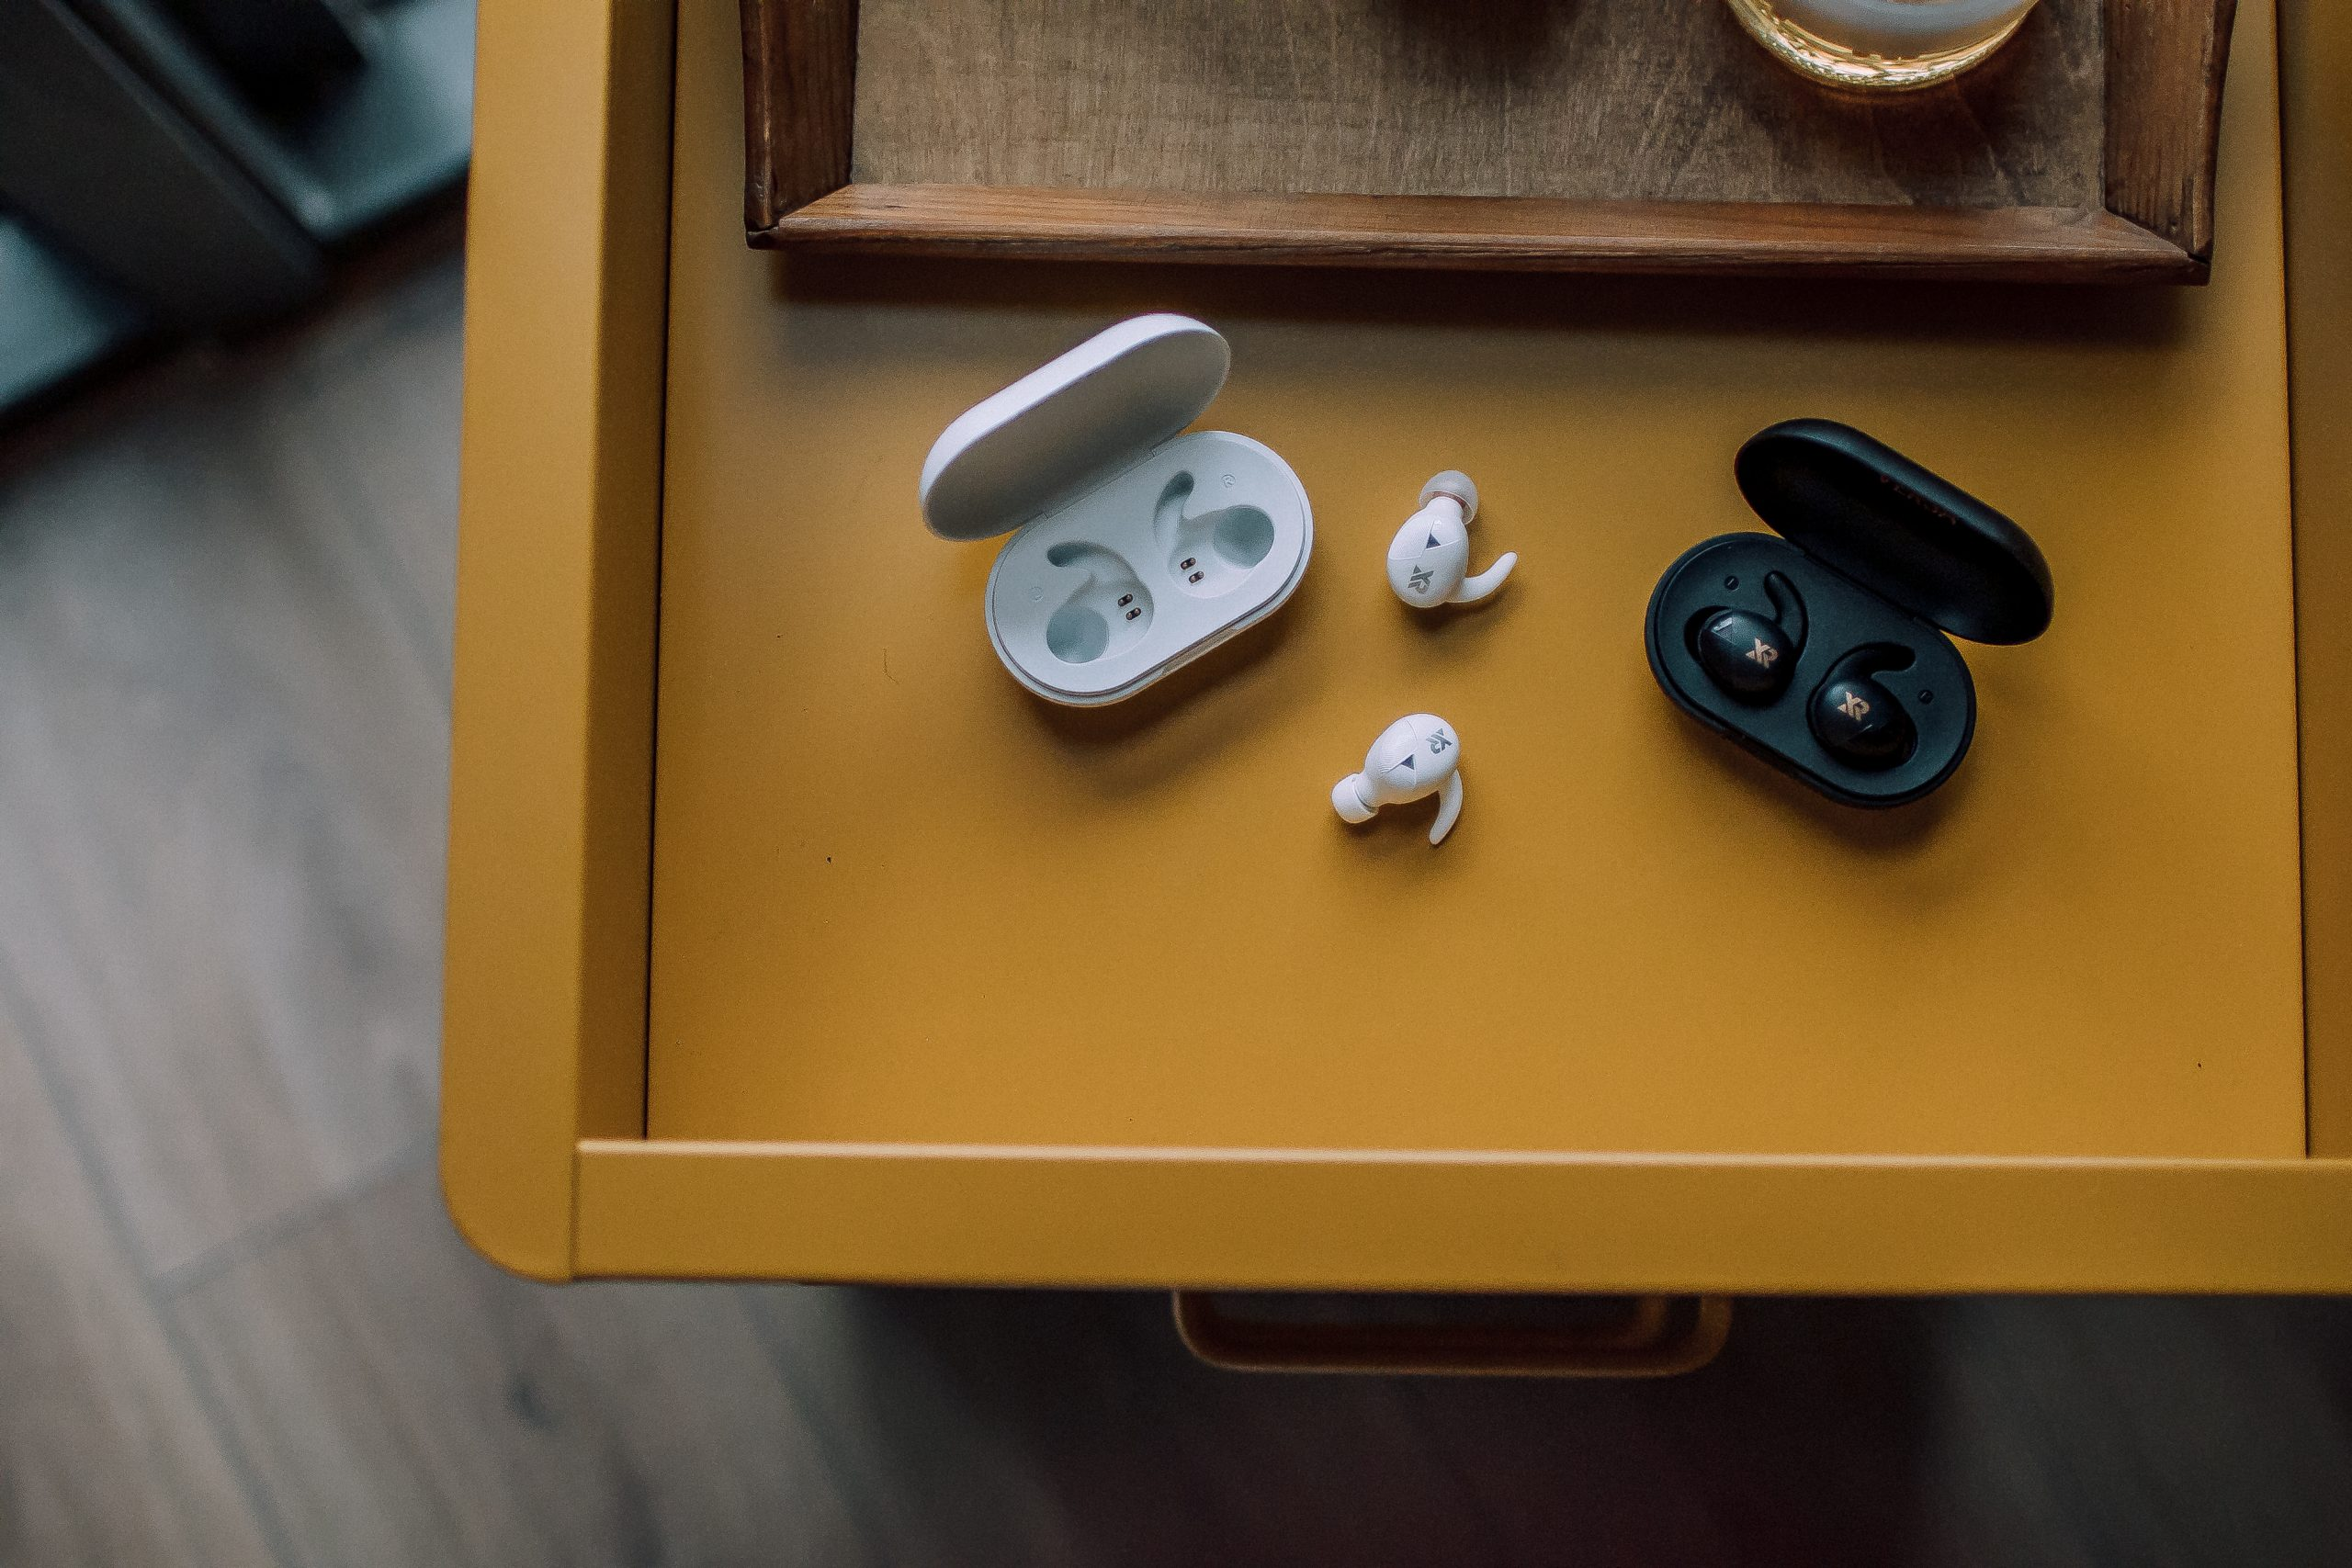 XROUND VERSA 真無線藍牙耳機 4 種尺寸耳勾各適其適